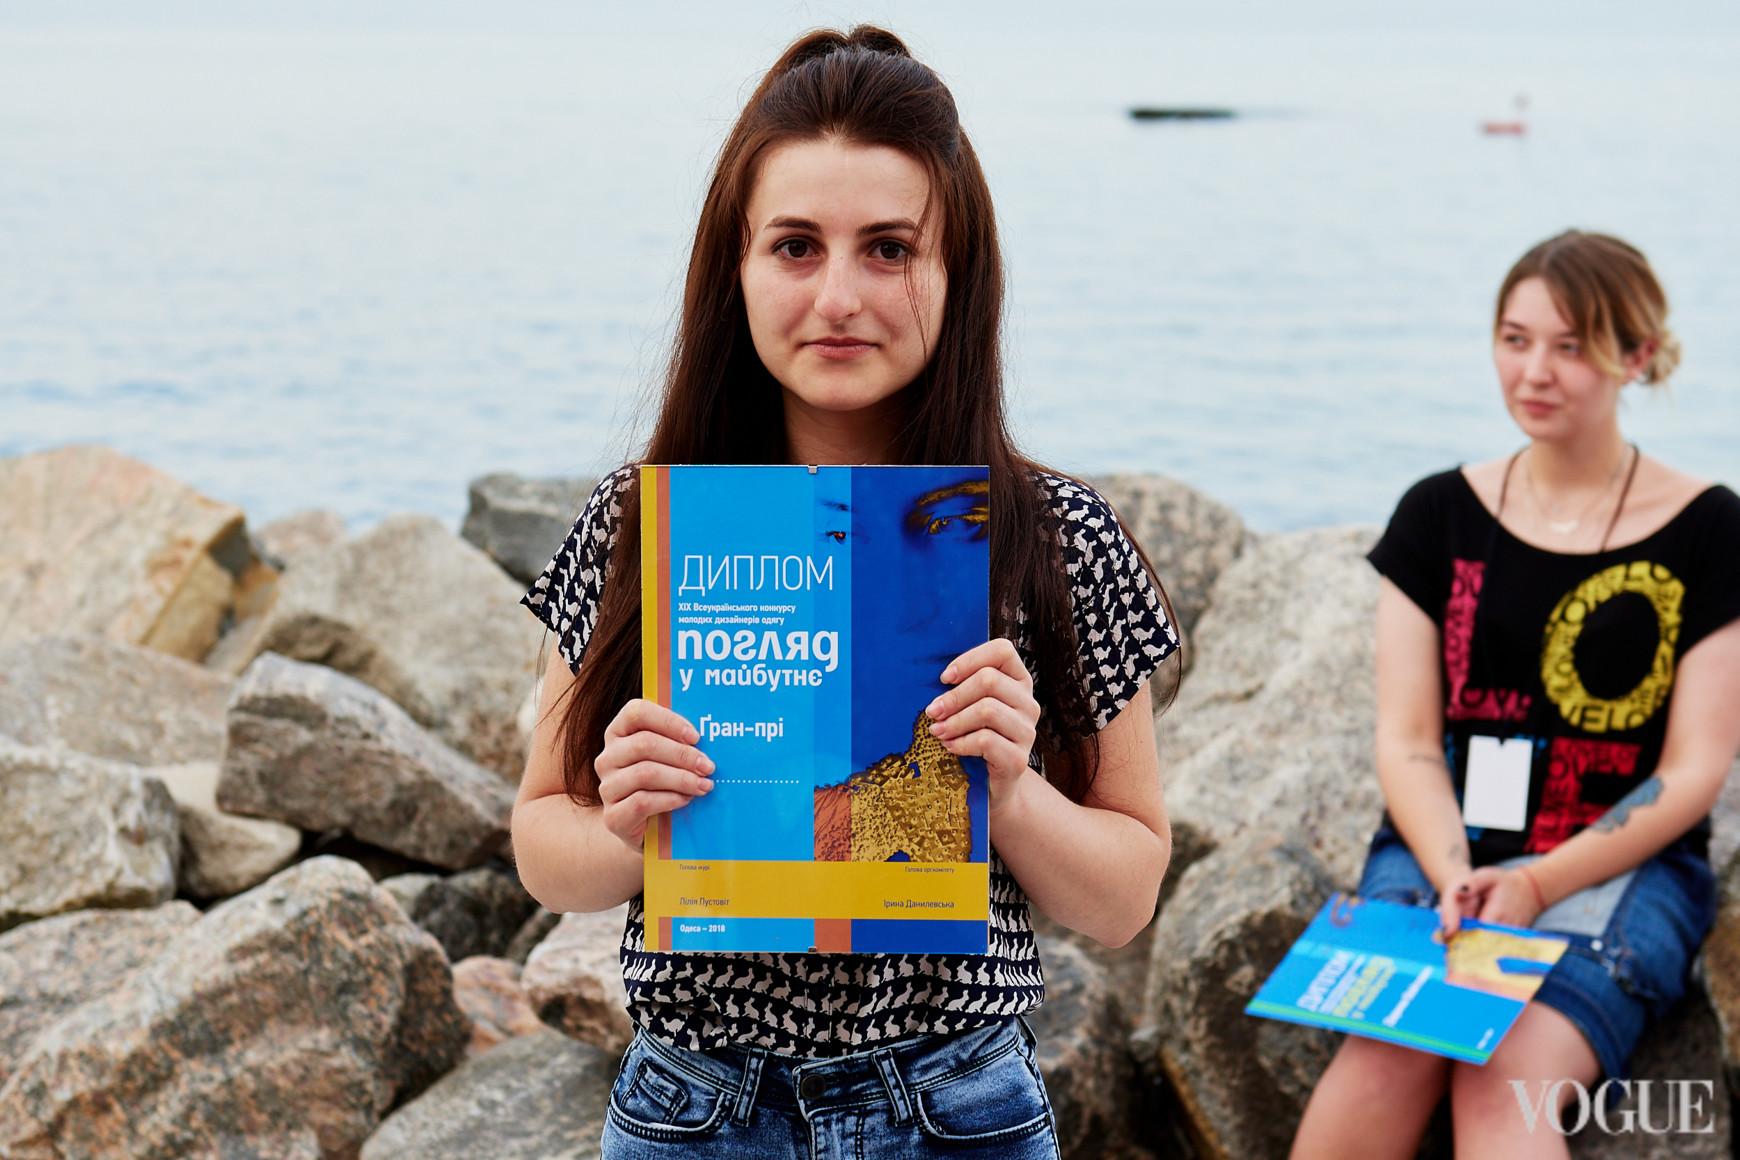 Екатерина Гейда, победитель конкурса молодых дизайнеров «Погляд у майбутнє»